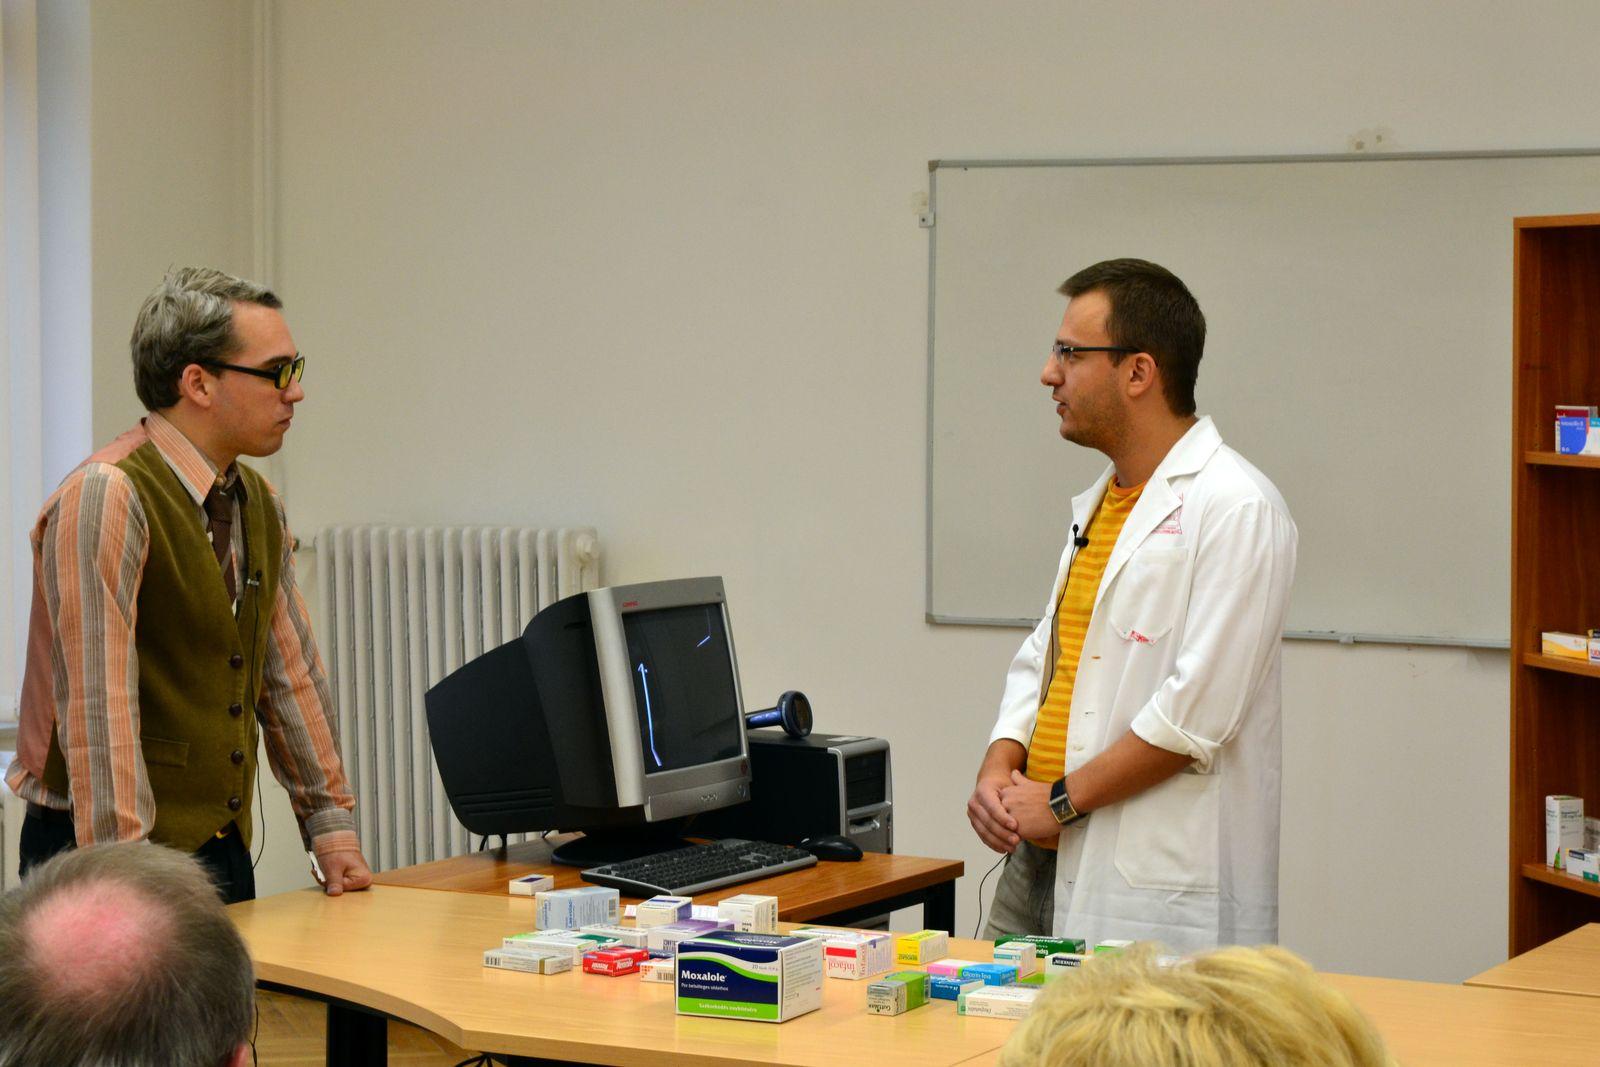 Bartha Sámuel, a gyógyszerészi gondozási verseny győztes gyógyszerész hallgatója